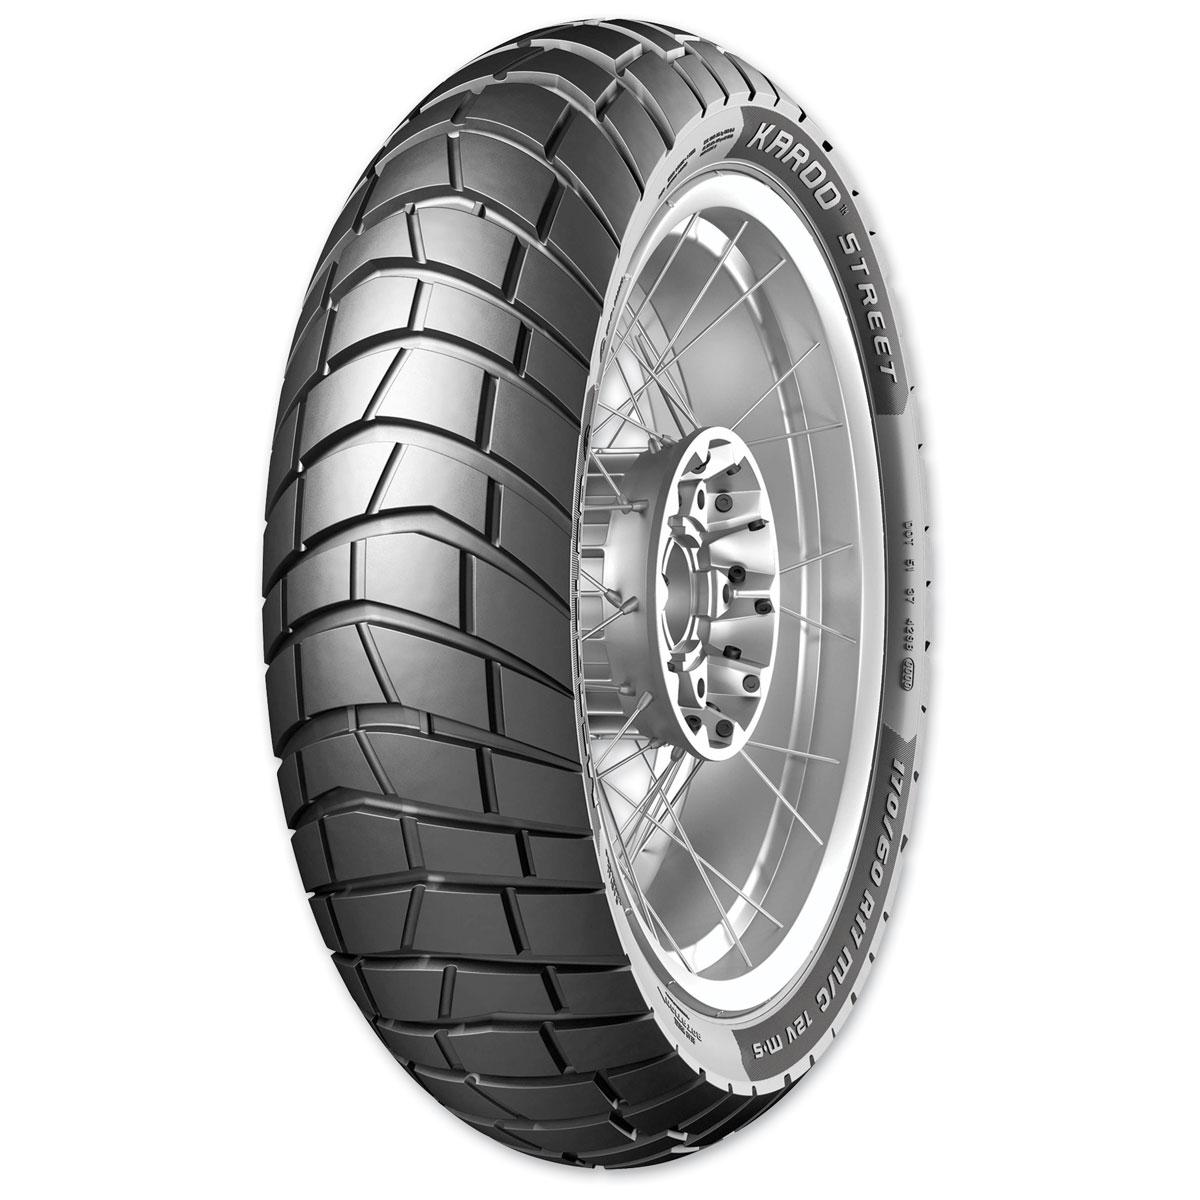 Metzeler Karoo Street 150/70 17 Tubeless 69 V Rear Two-Wheeler Tyre